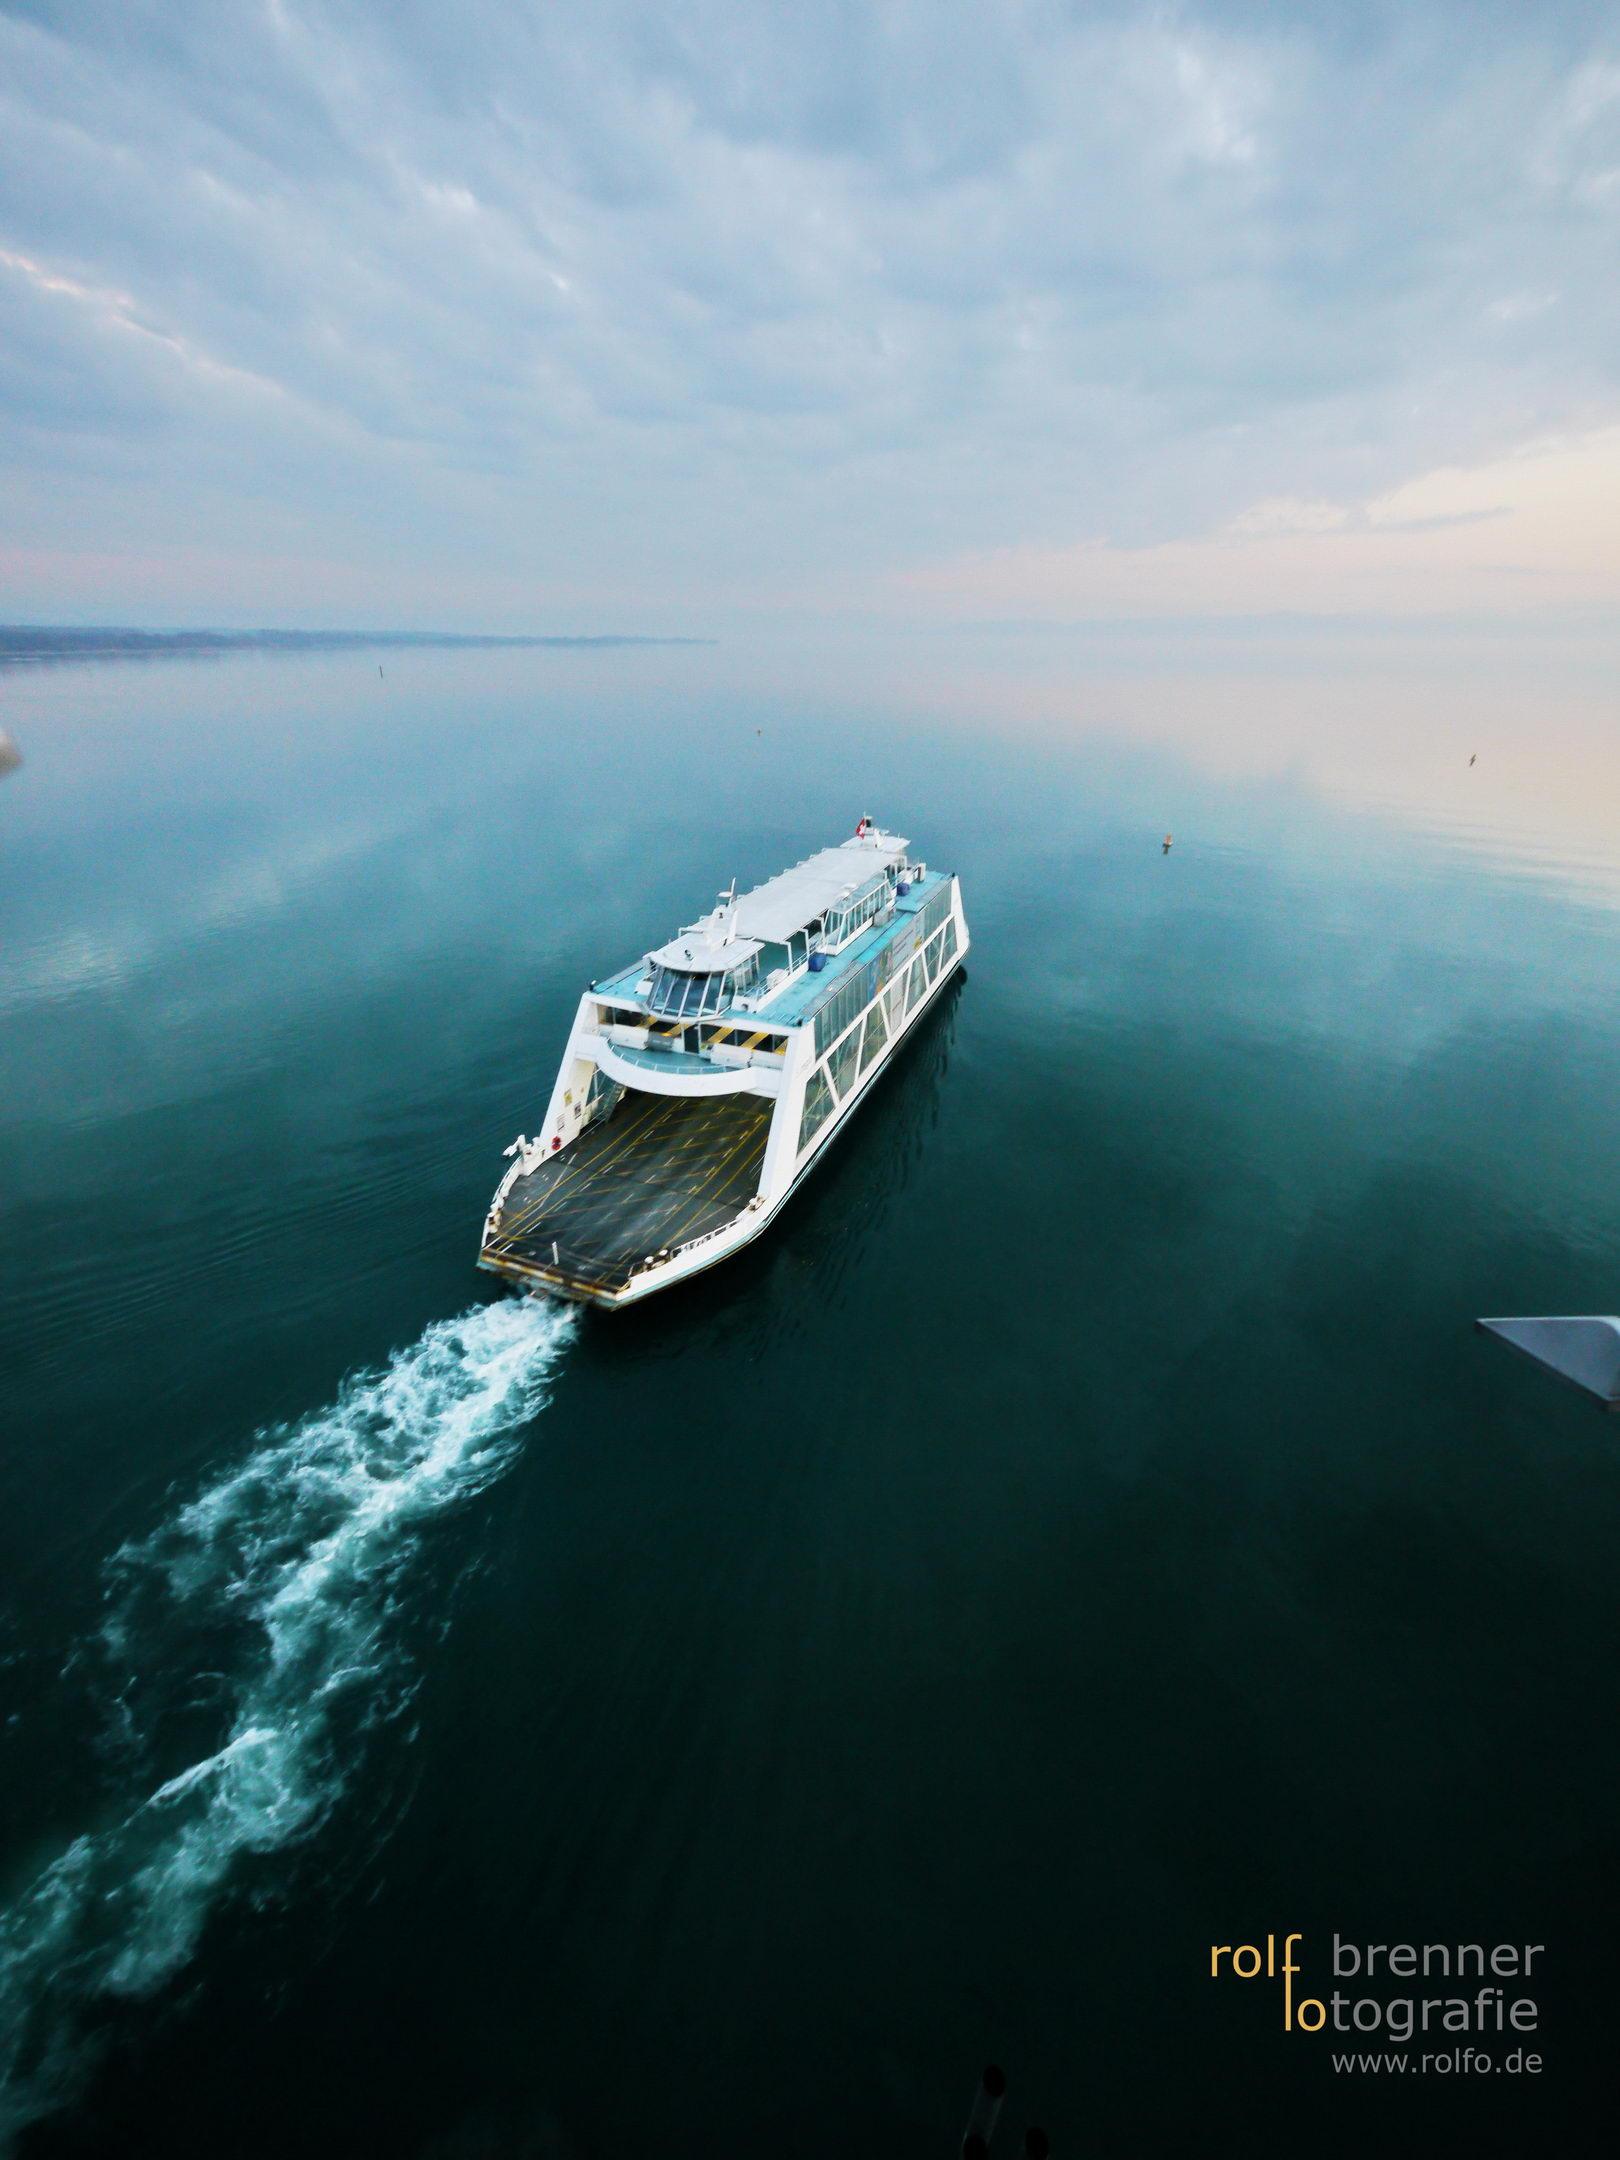 Fähre verlässt den Hafen in Friedrichshafen